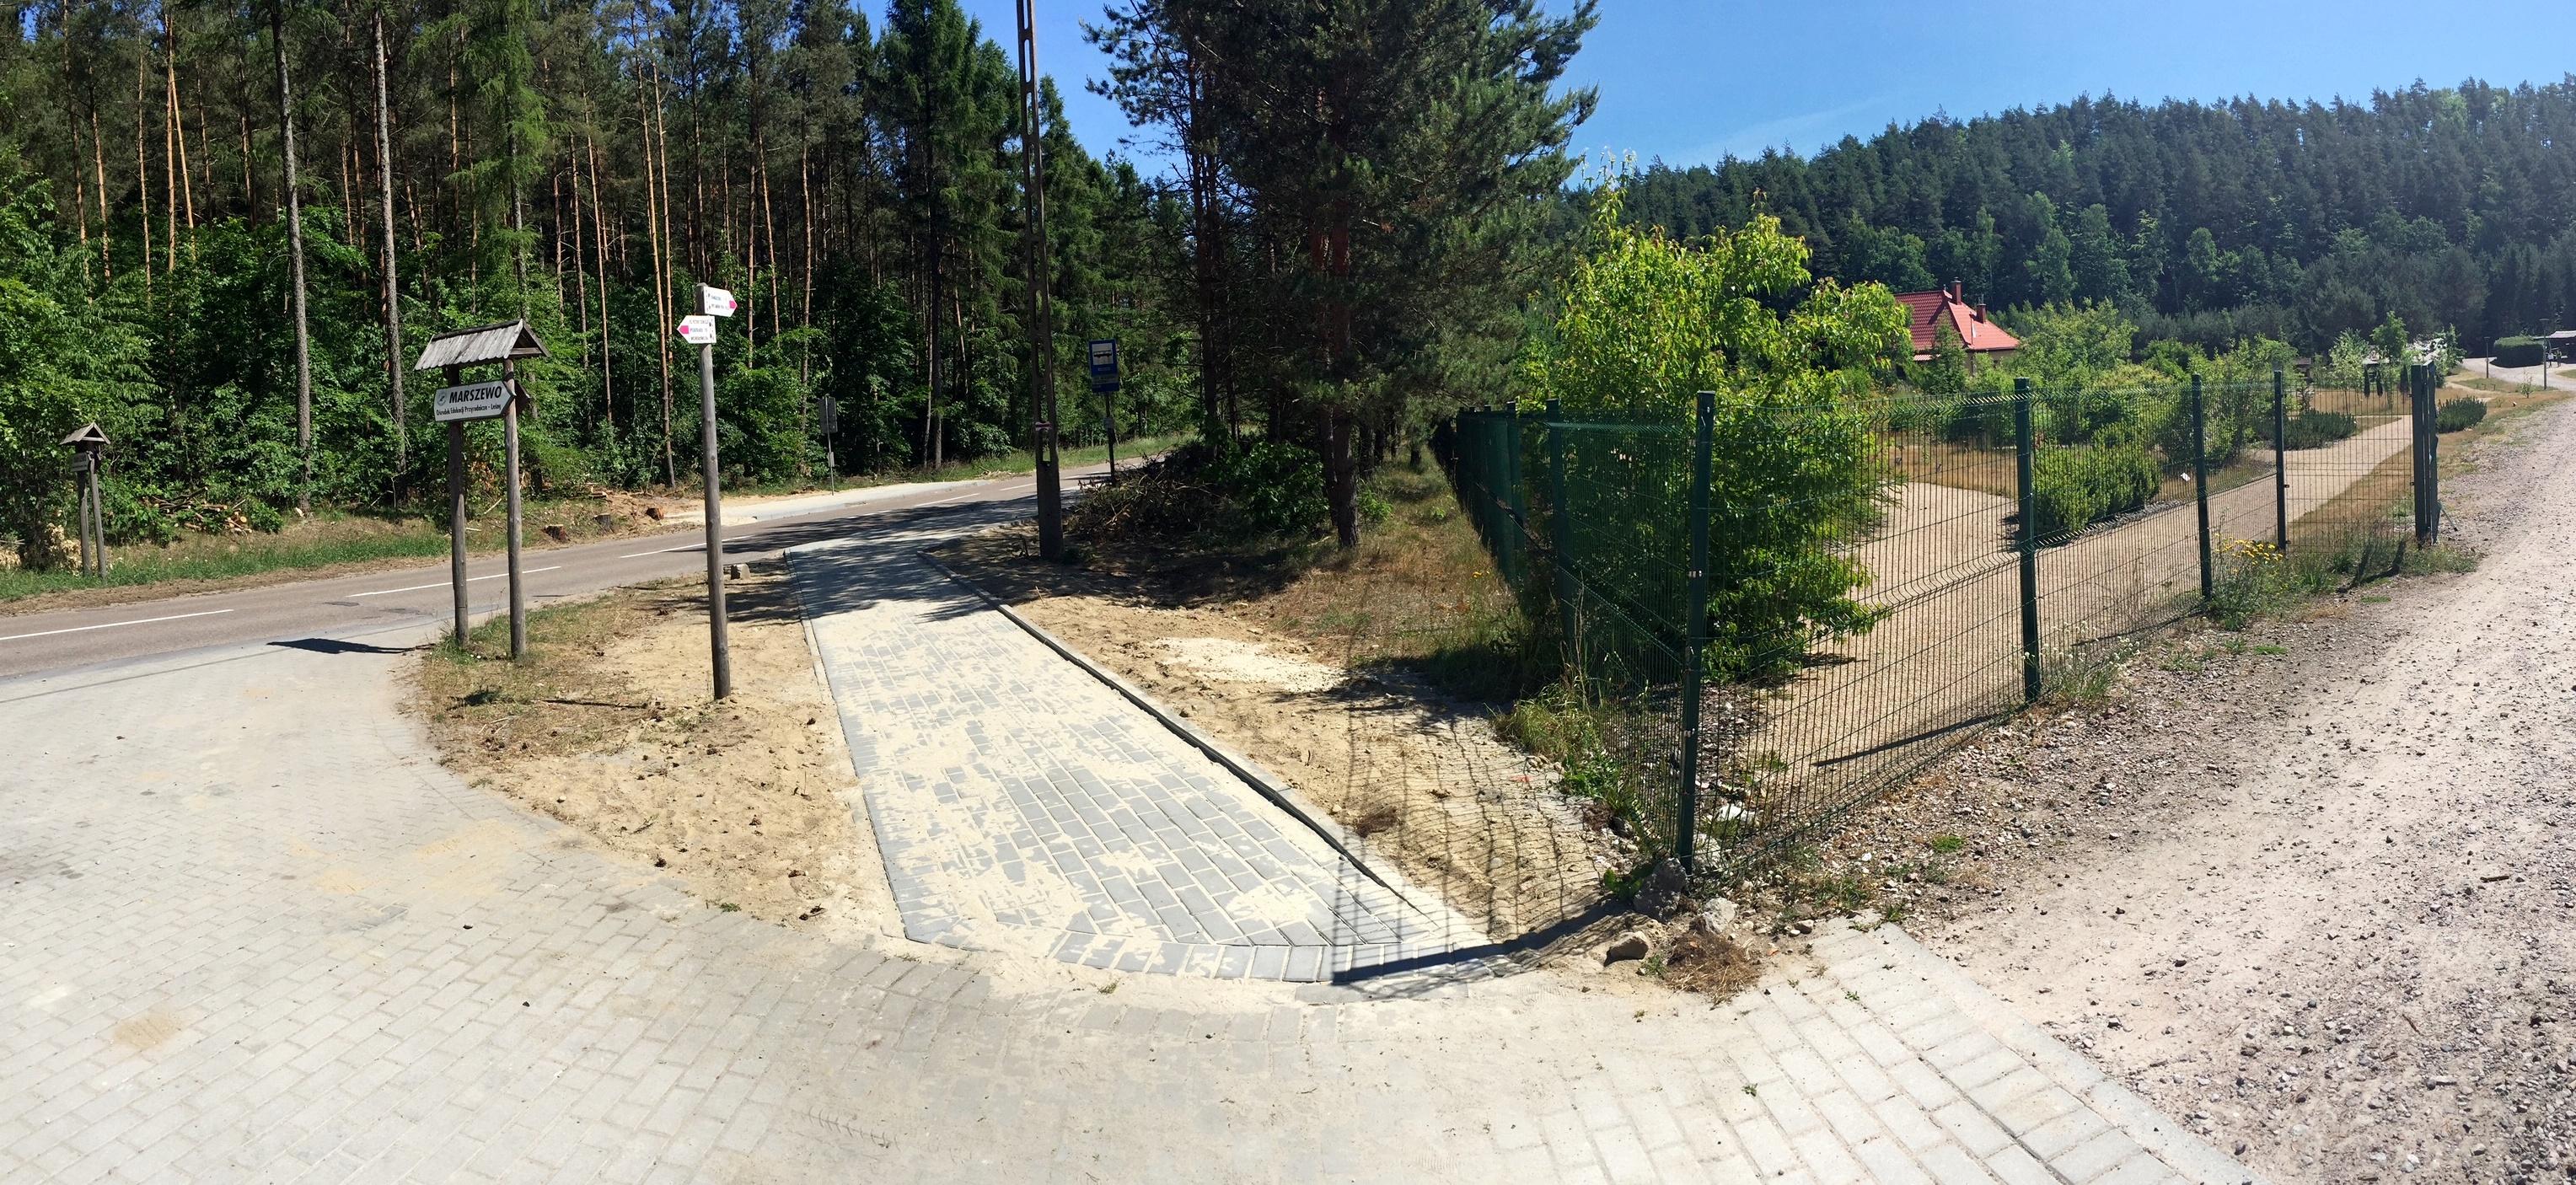 Oprócz przystanków przebudowano także dojścia do Leśnego Ogrodu Botanicznego w Marszewie, fot. ZDiZ